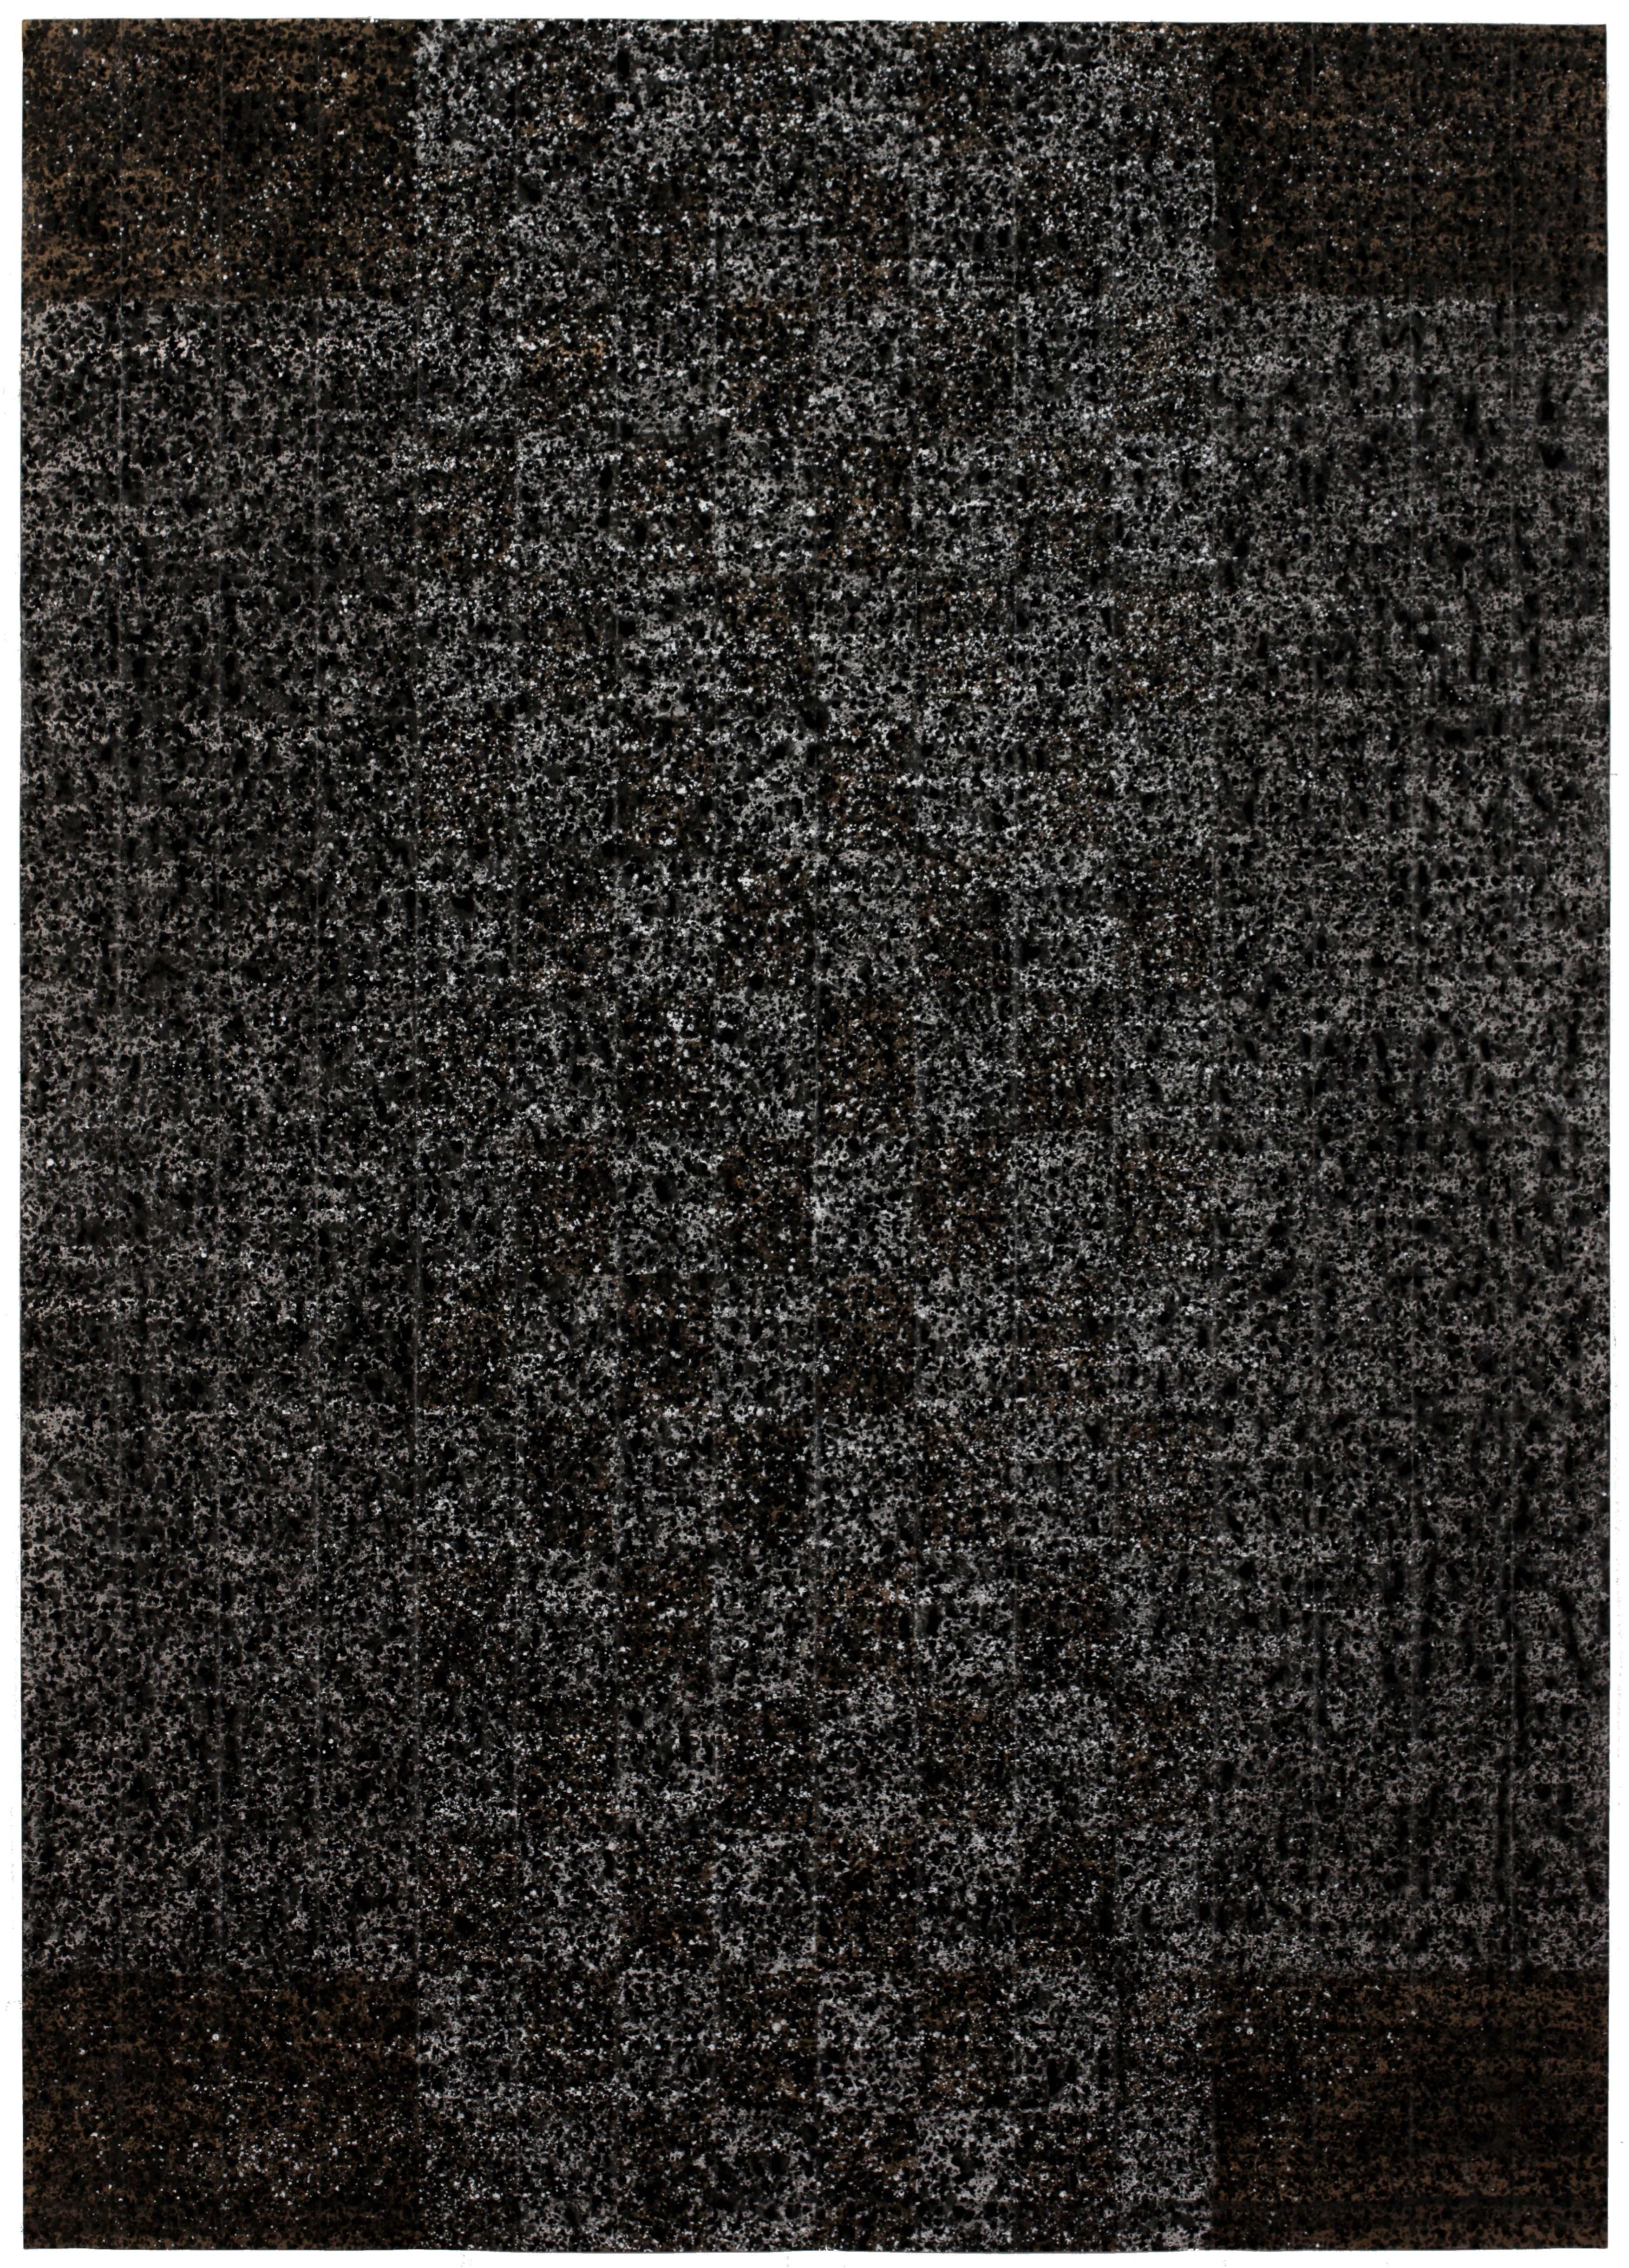 2013, acrylique sur papier kraft, 220 cm x 158 cm